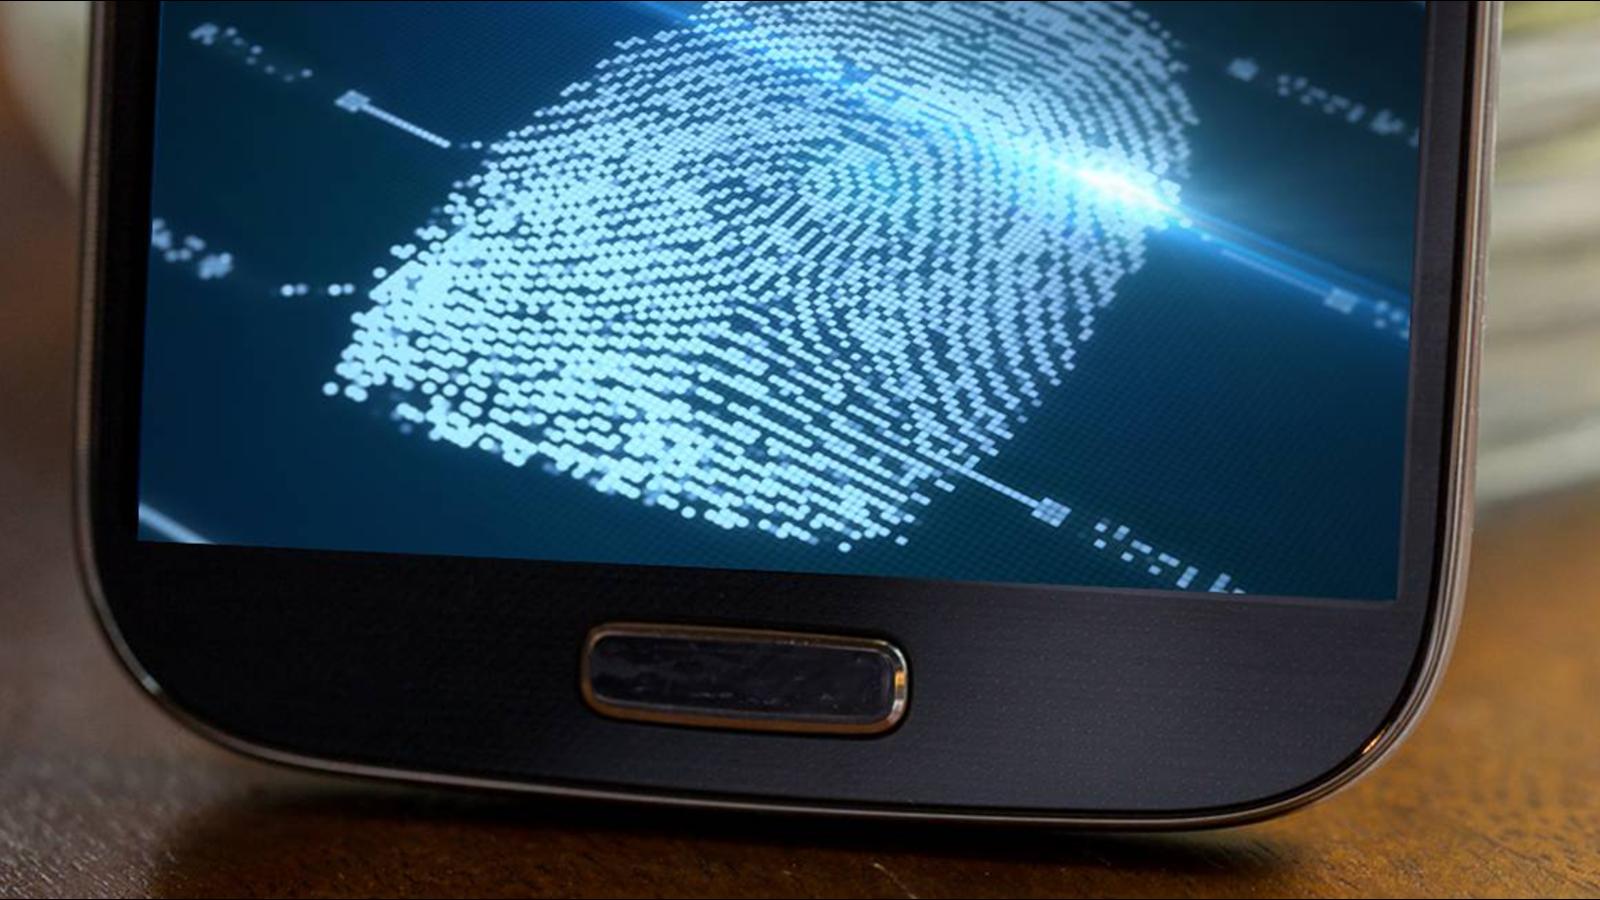 Hackean el escáner de huellas del Galaxy S5 con un sencillo método